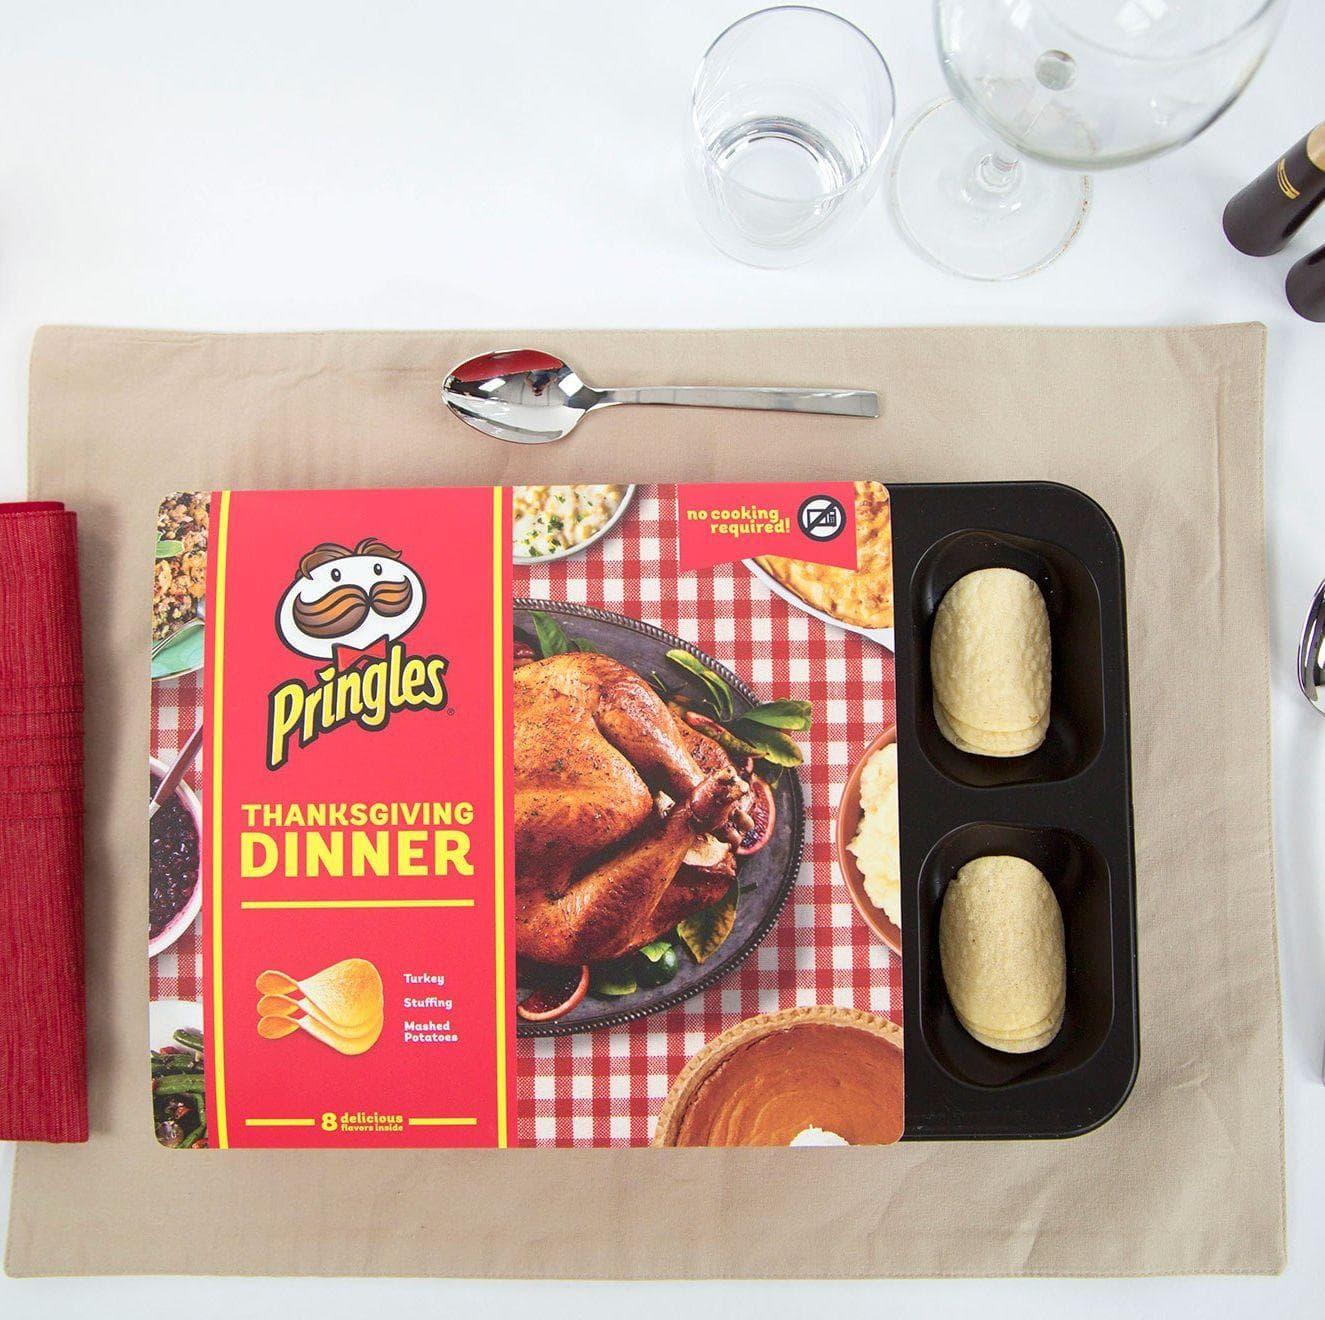 Pringles Thanksgiving Dinner on Random Best Pringles Flavors